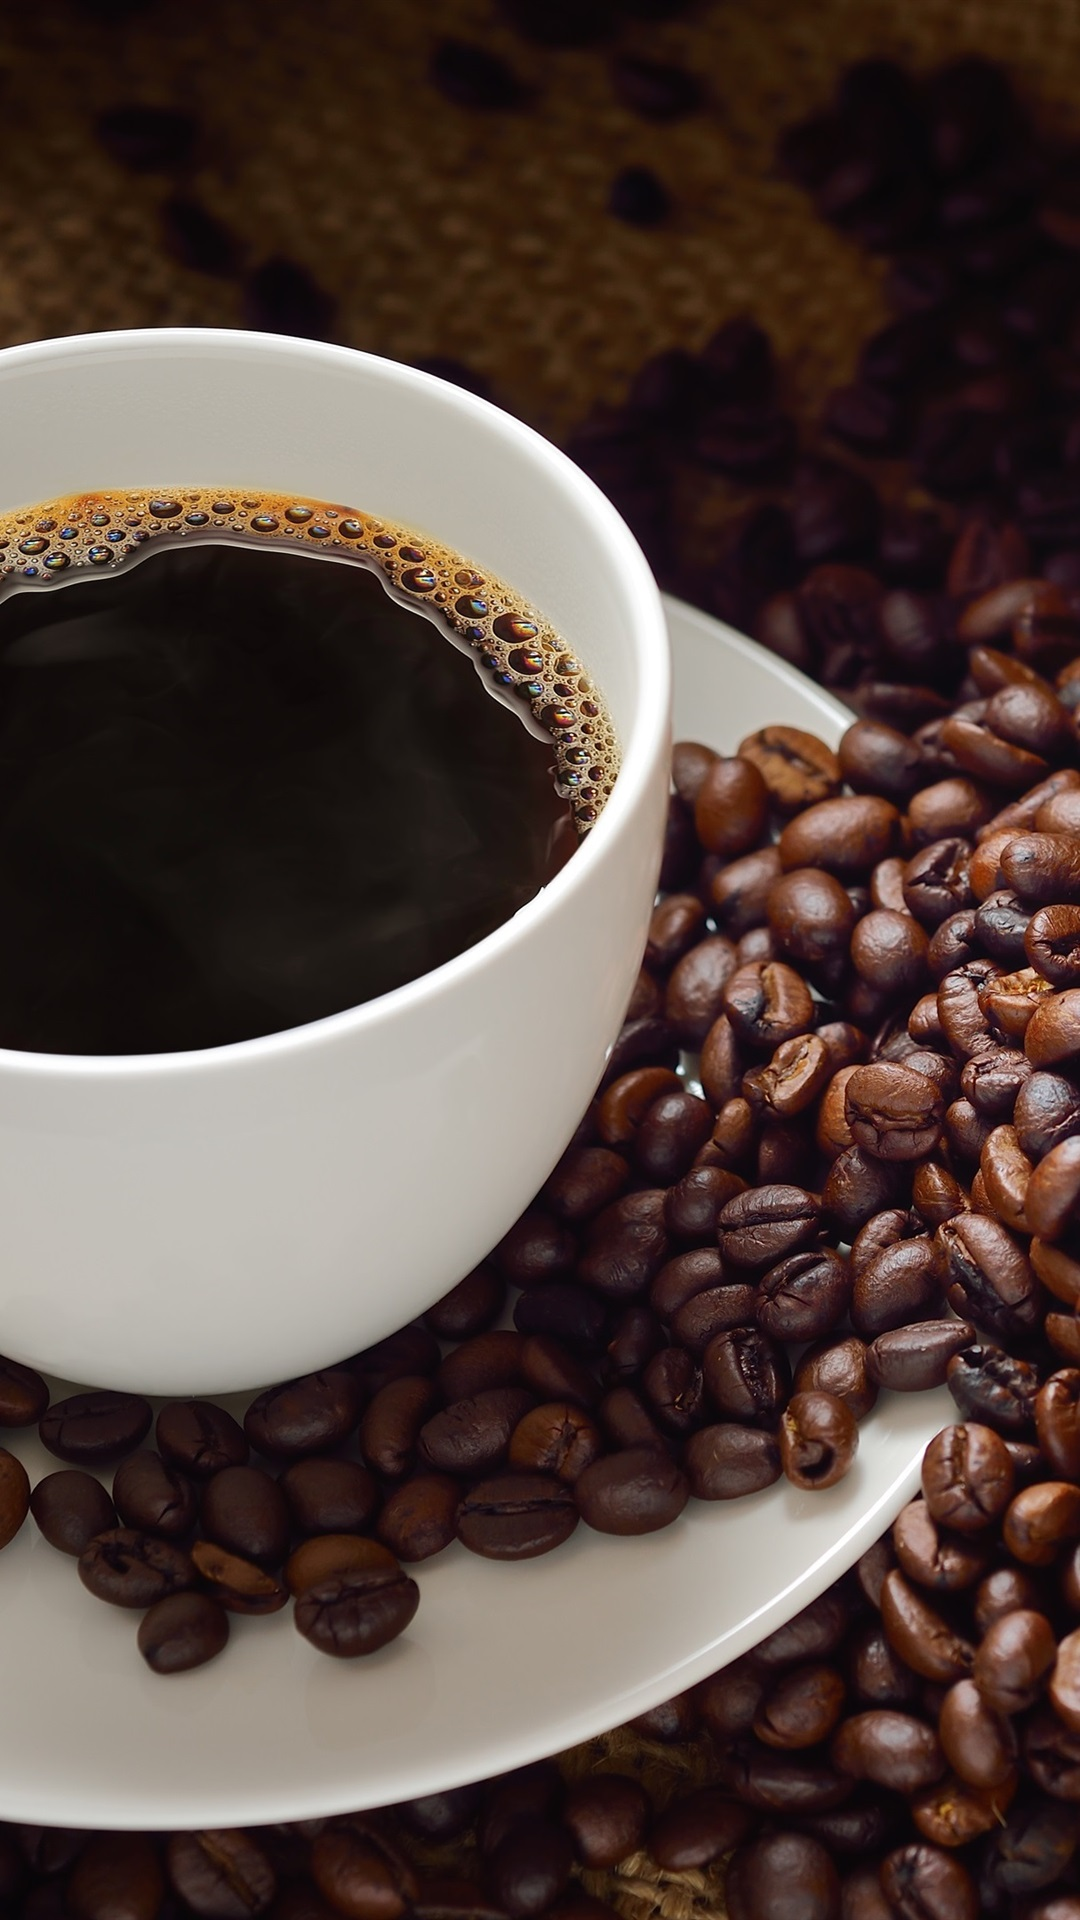 白いカップ コーヒー コーヒー豆 1080x1920 Iphone 8 7 6 6s Plus